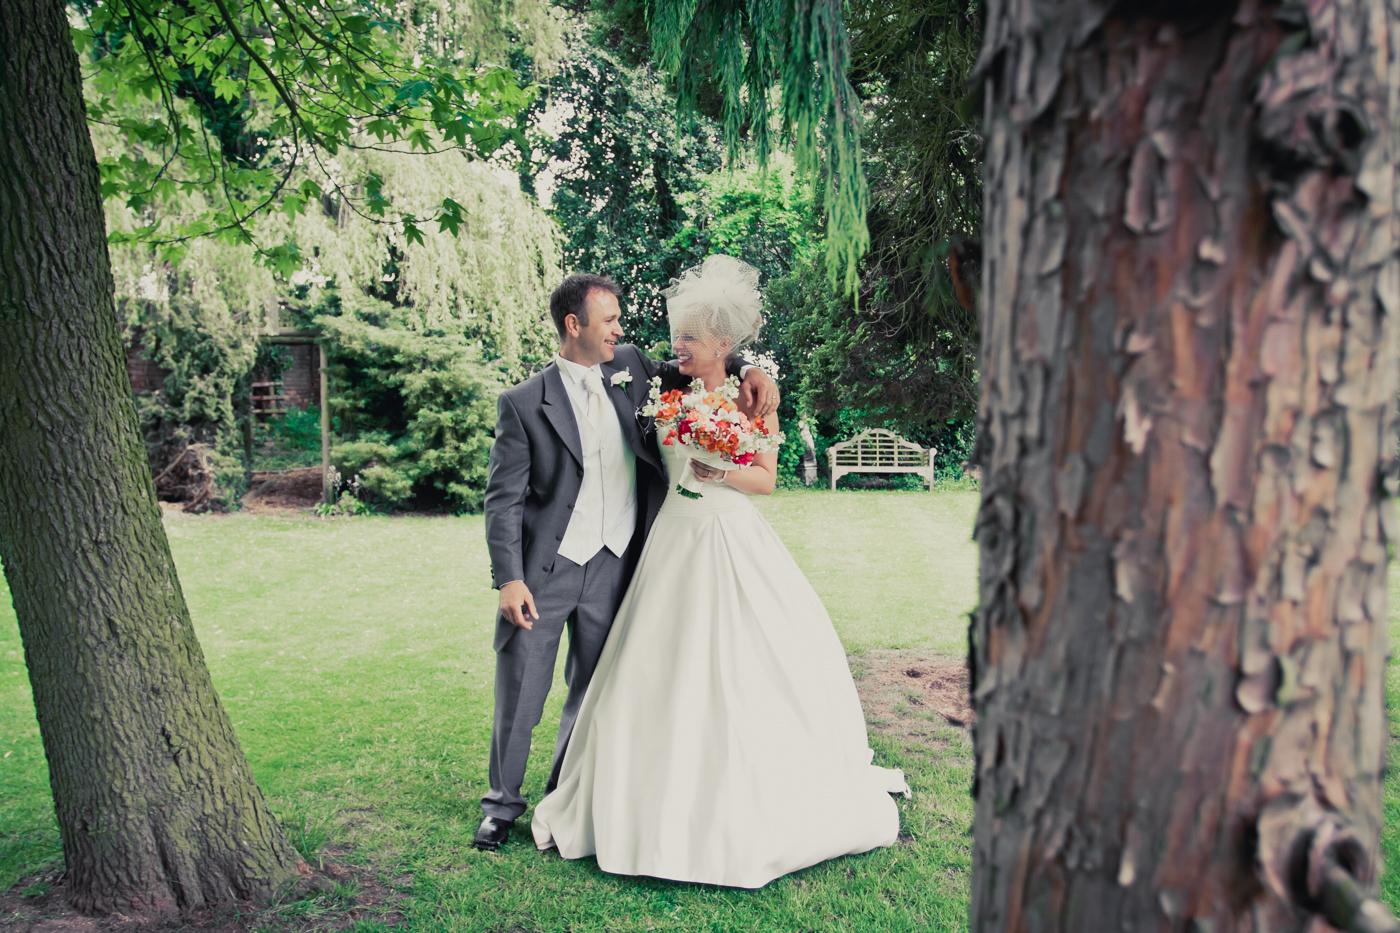 174 Keedy and Carl at The Secret Garden in Retford  - Wedding Photography by Mark Pugh www.markpugh.com_.jpg